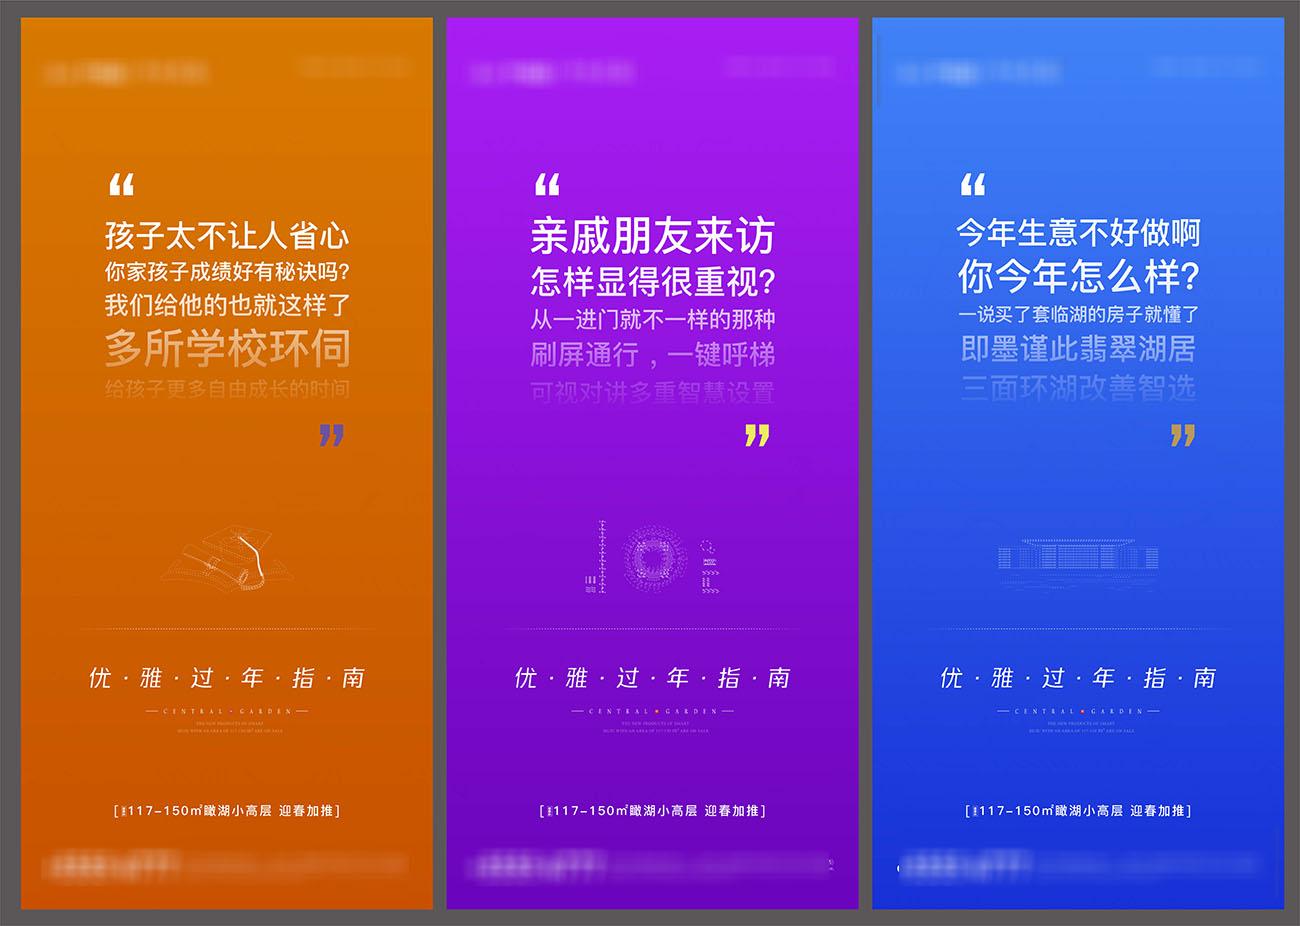 地产疫情防疫创意系列海报PSD源文件插图